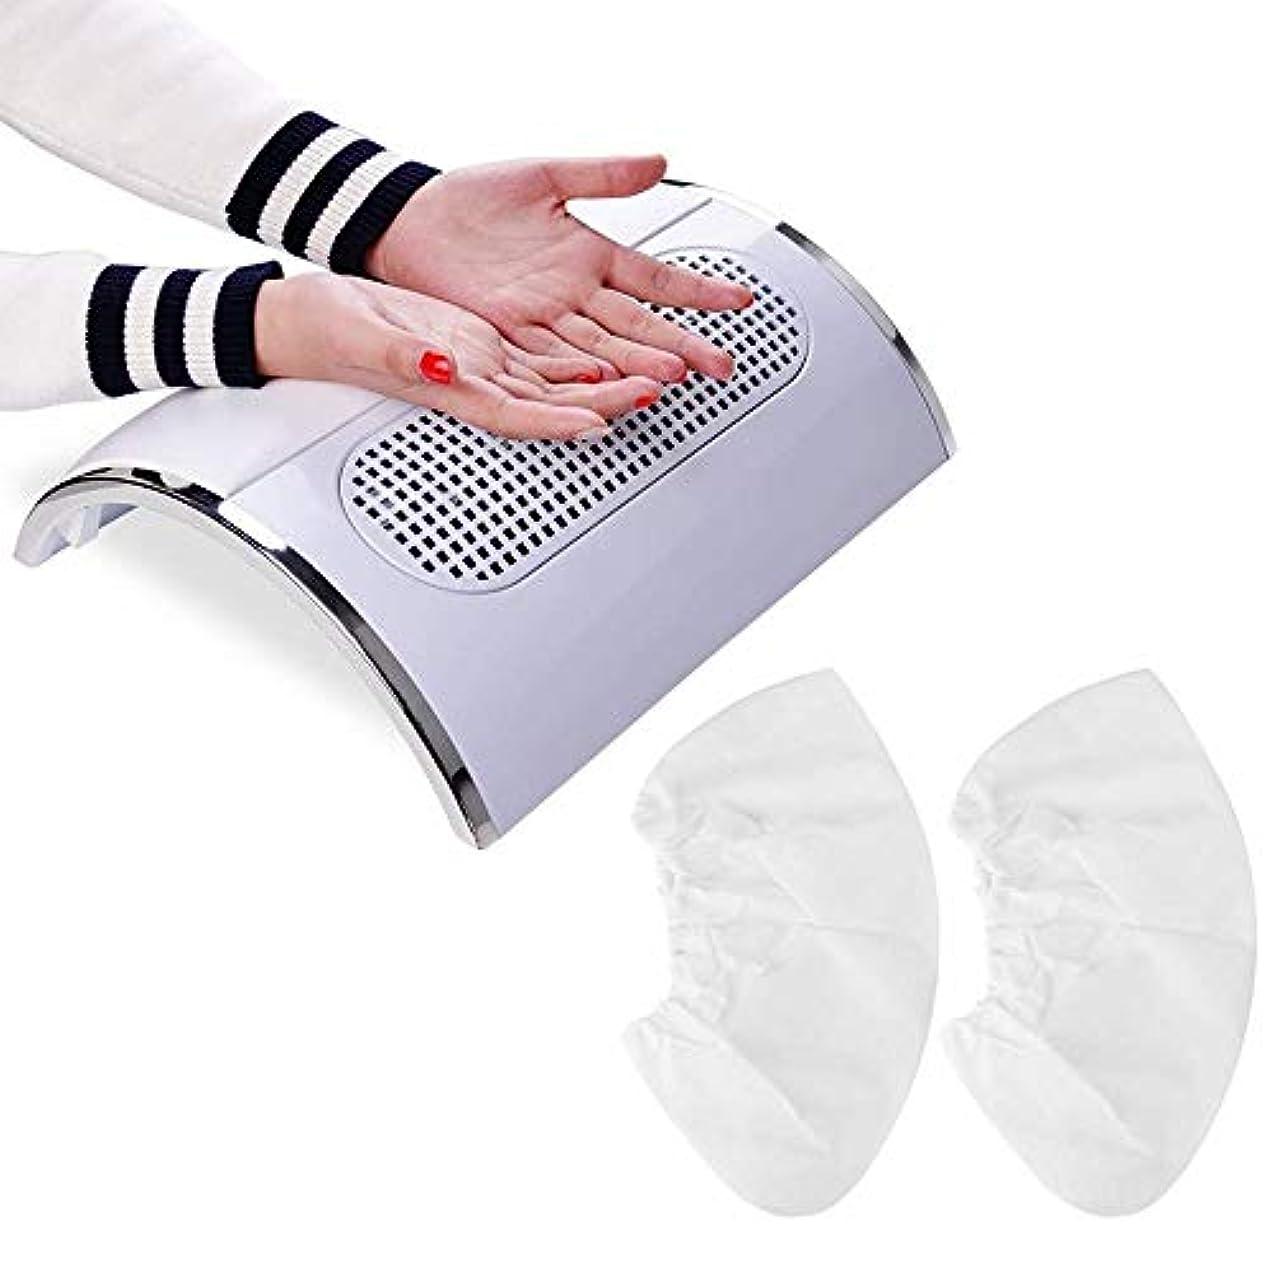 ヒットモード人に関する限りBiutee メタリックホワイト ネイルダスト 集塵機 ダストクリーナー ジェルネイル ネイル機器